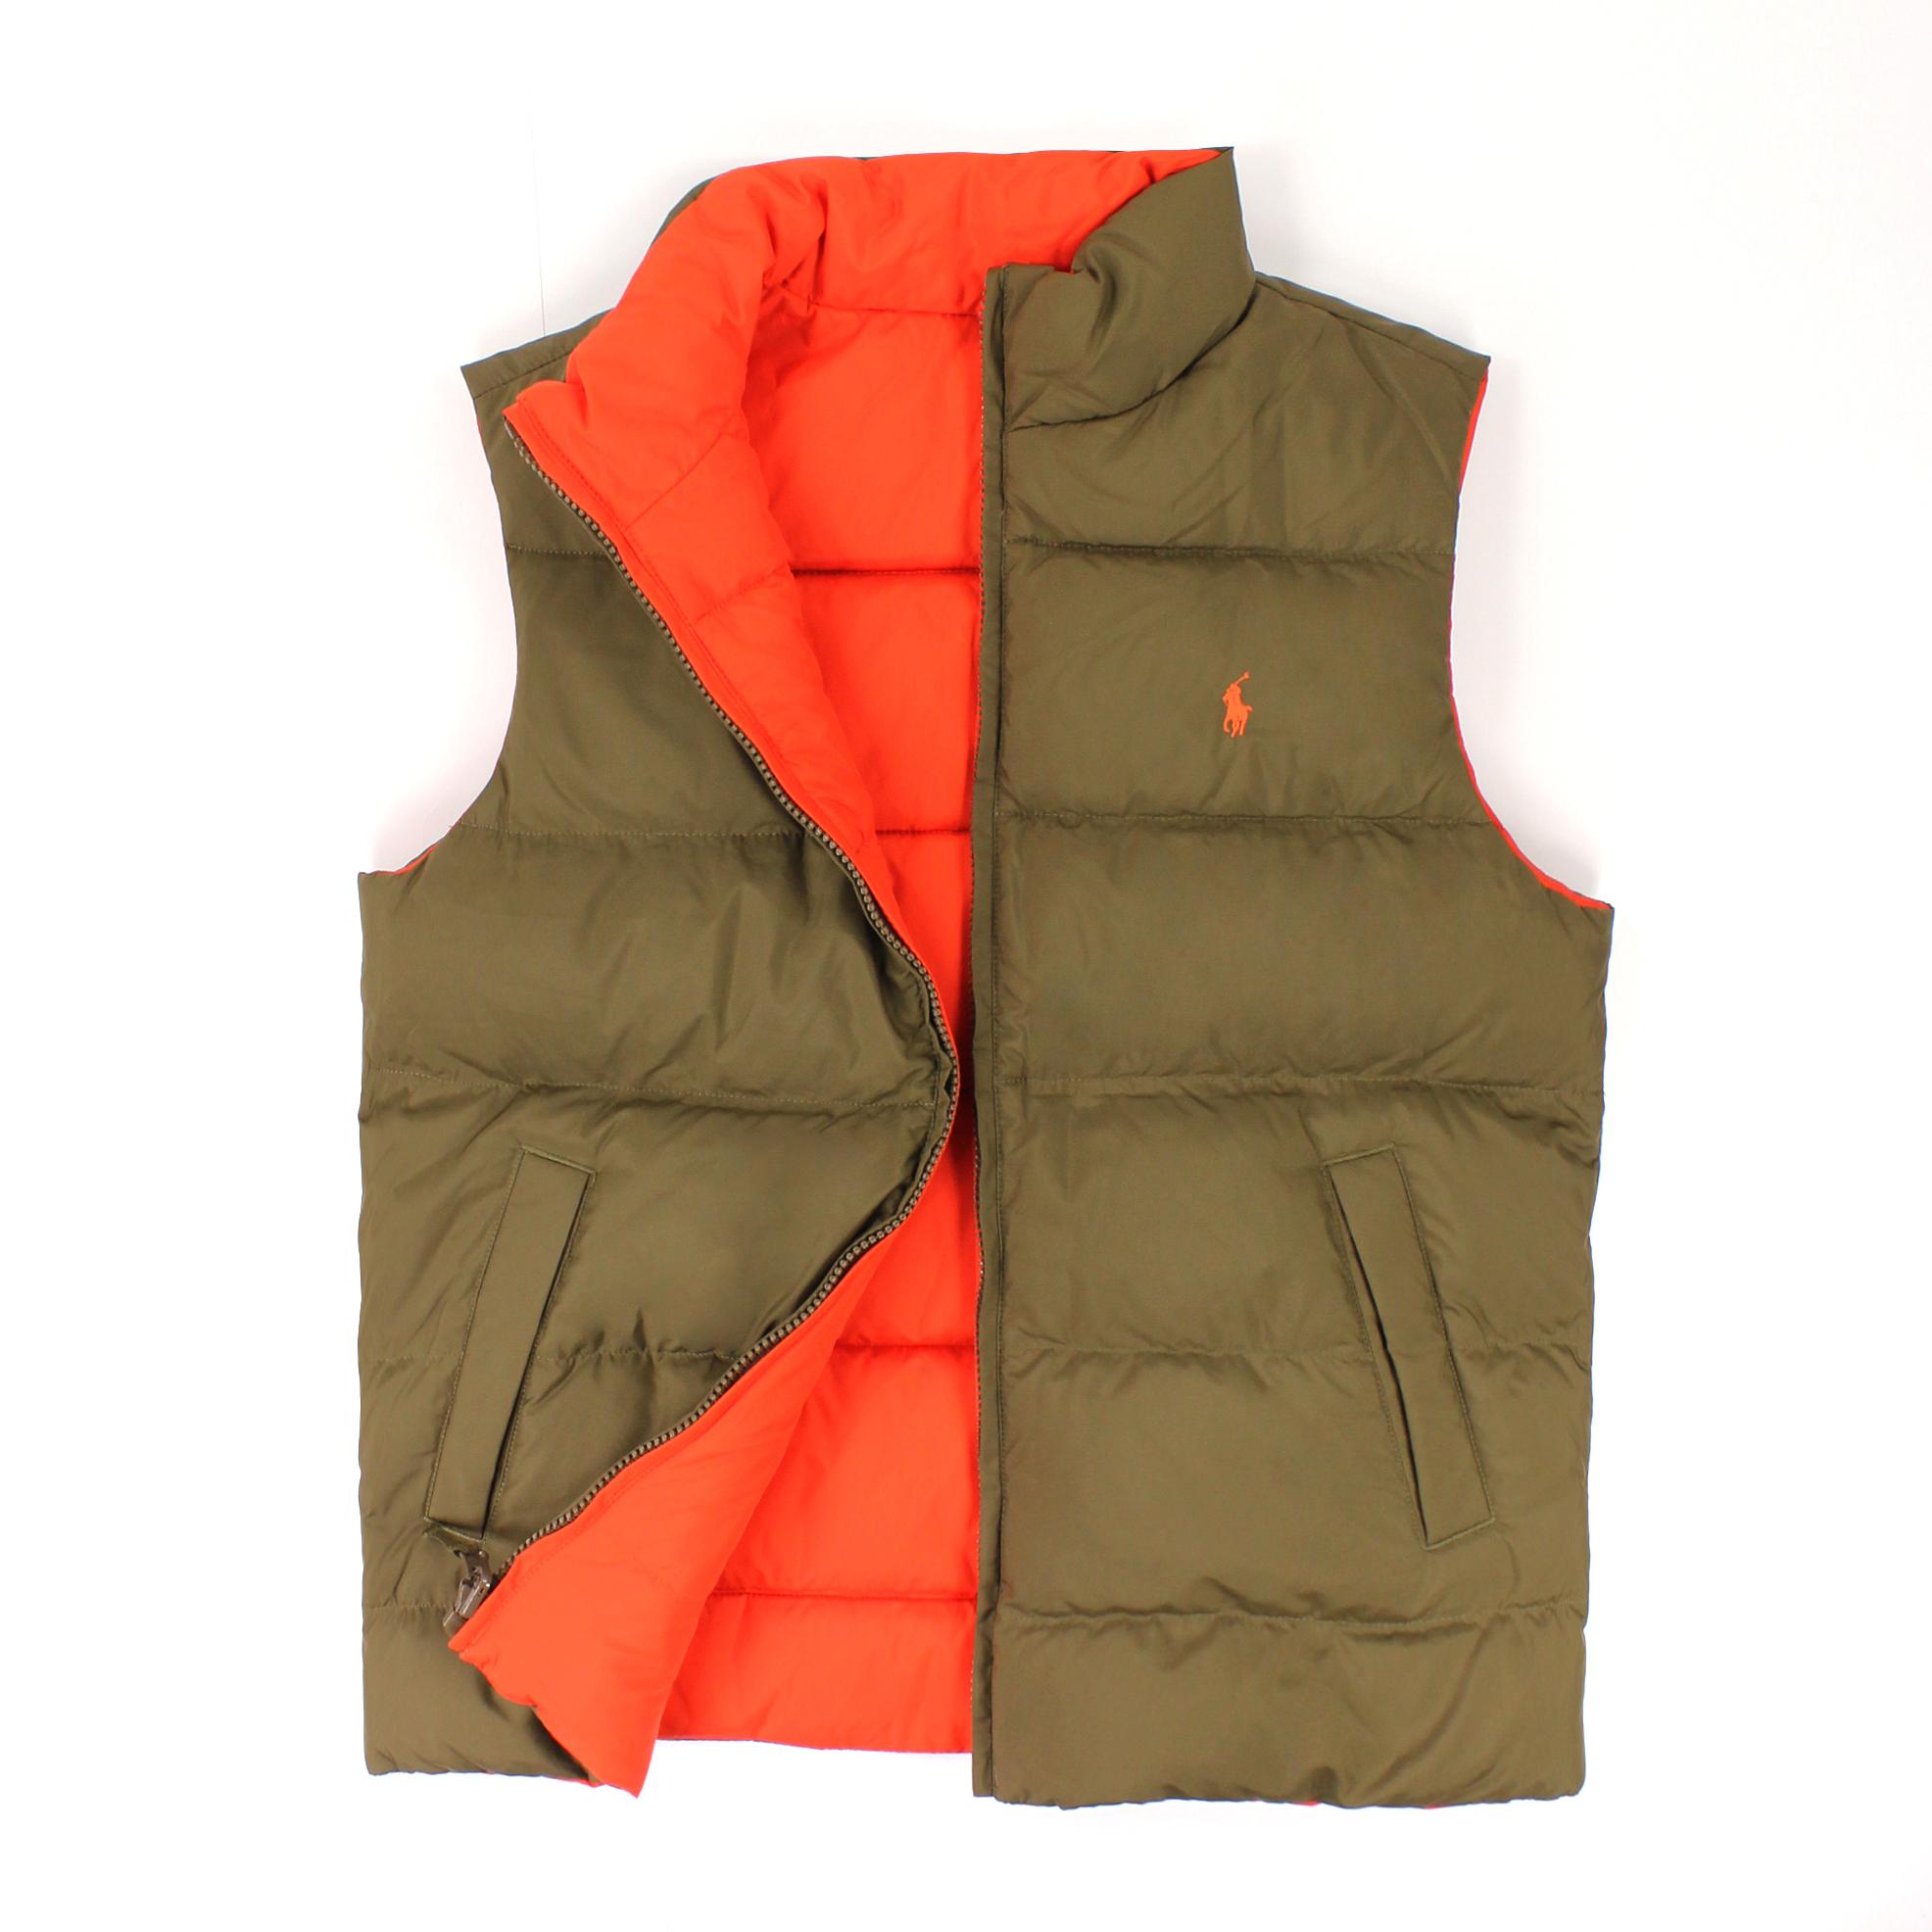 美國百分百【全新真品】Ralph Lauren 背心 RL 羽絨 上衣 外套 Polo 小馬 綠橘 保暖 雙面 男衣 XXS號